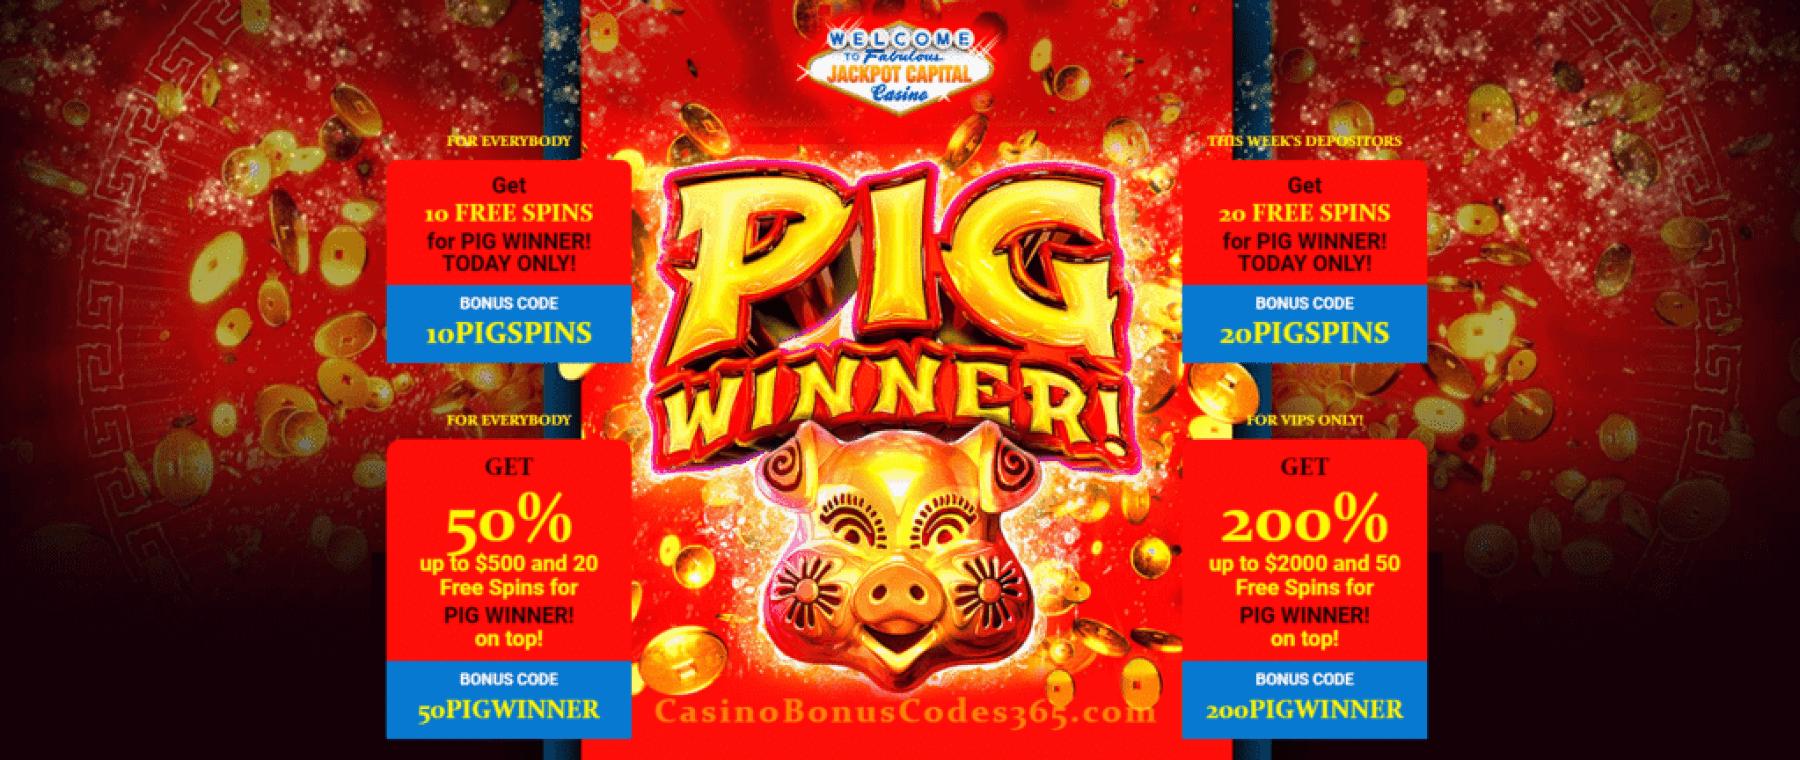 10pigspins Casino Bonus Codes 365